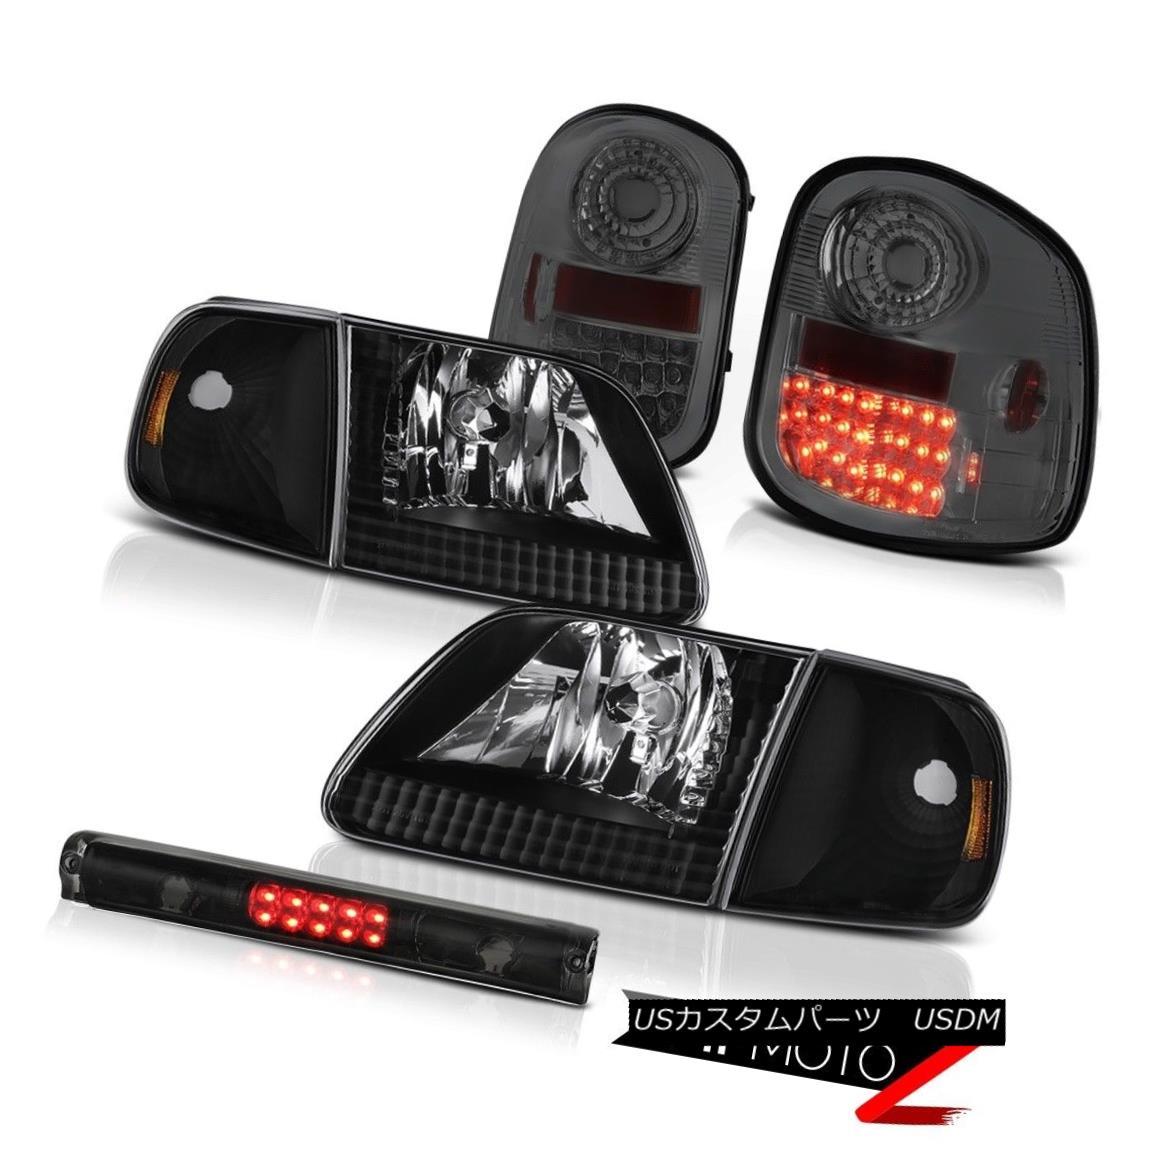 テールライト Headlights Smoke LED Tail Lamps High Brake Cargo 97-03 F150 Flareside Lightning ヘッドライトスモークLEDテールランプハイブレーキカーゴ97-03 F150 Flareside Lightning